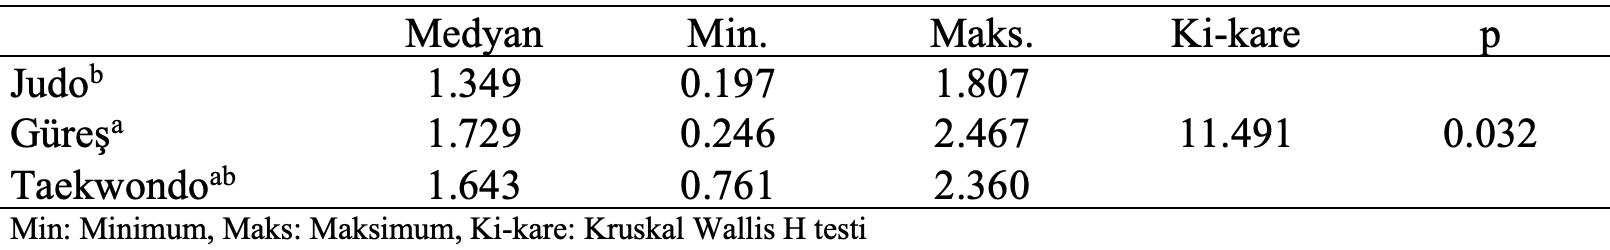 müsabaka öncesi kilo ölçüm branş karşılaştırma